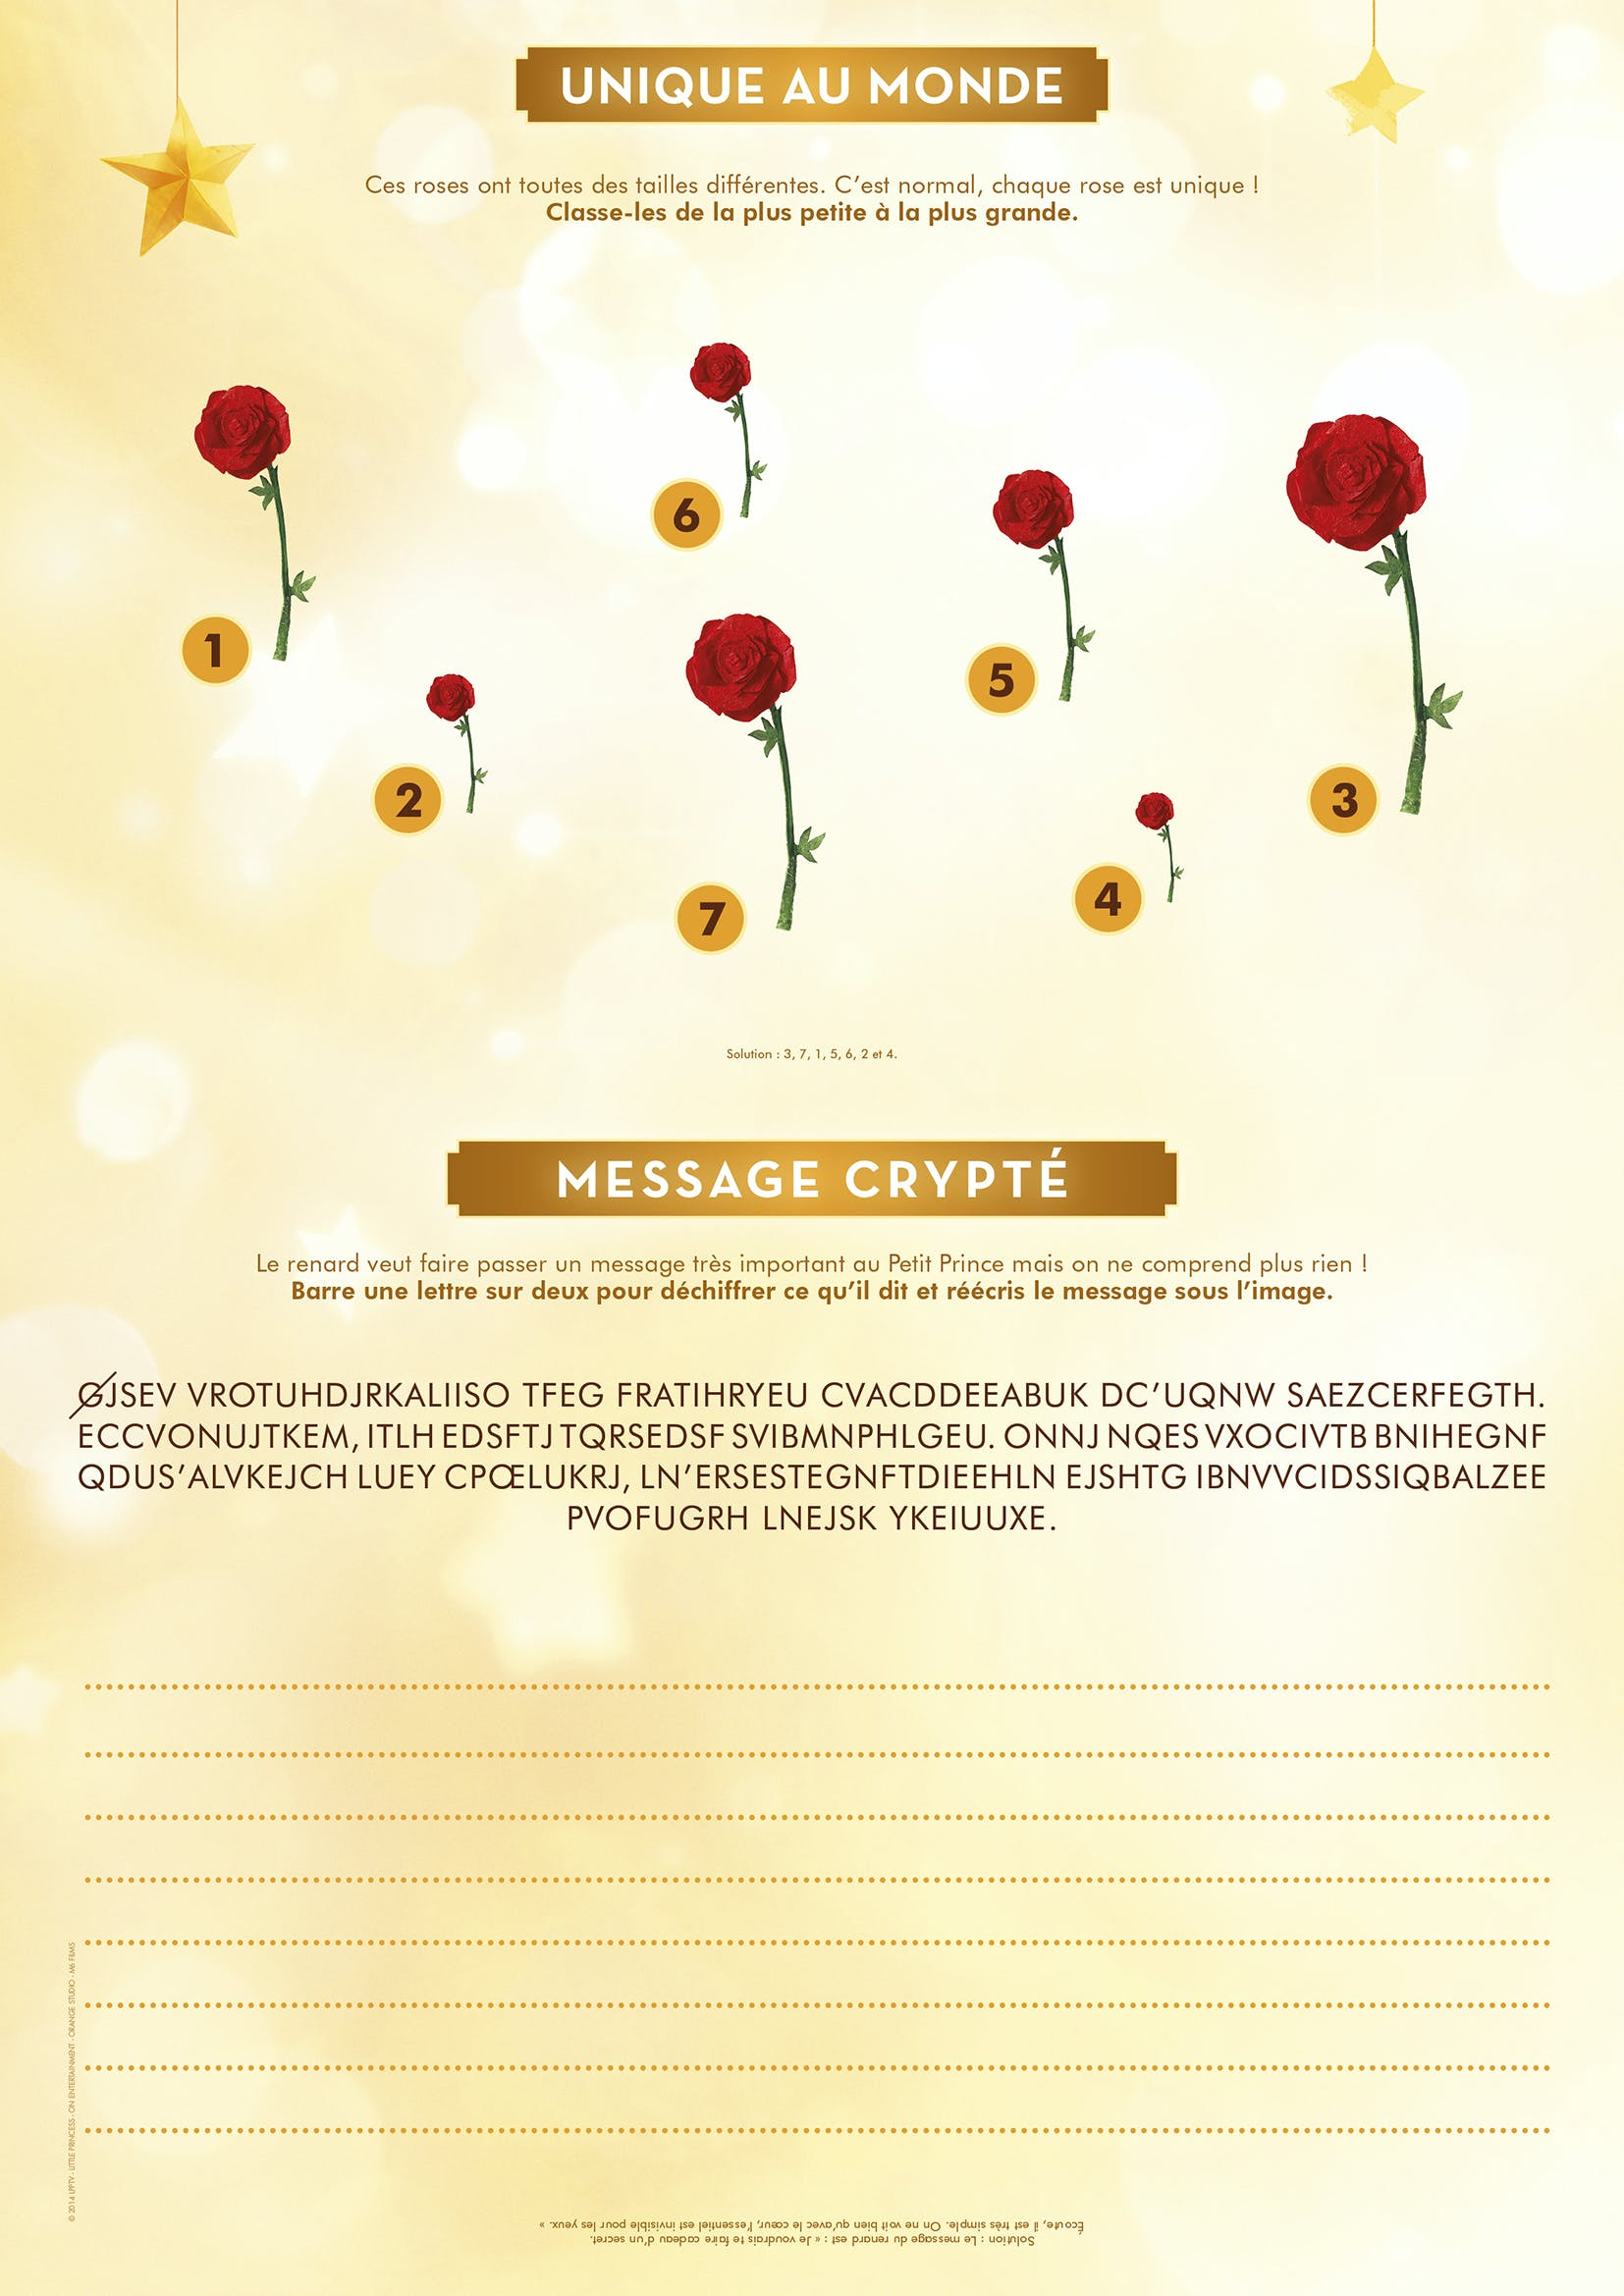 Le message crypté du Petit Prince